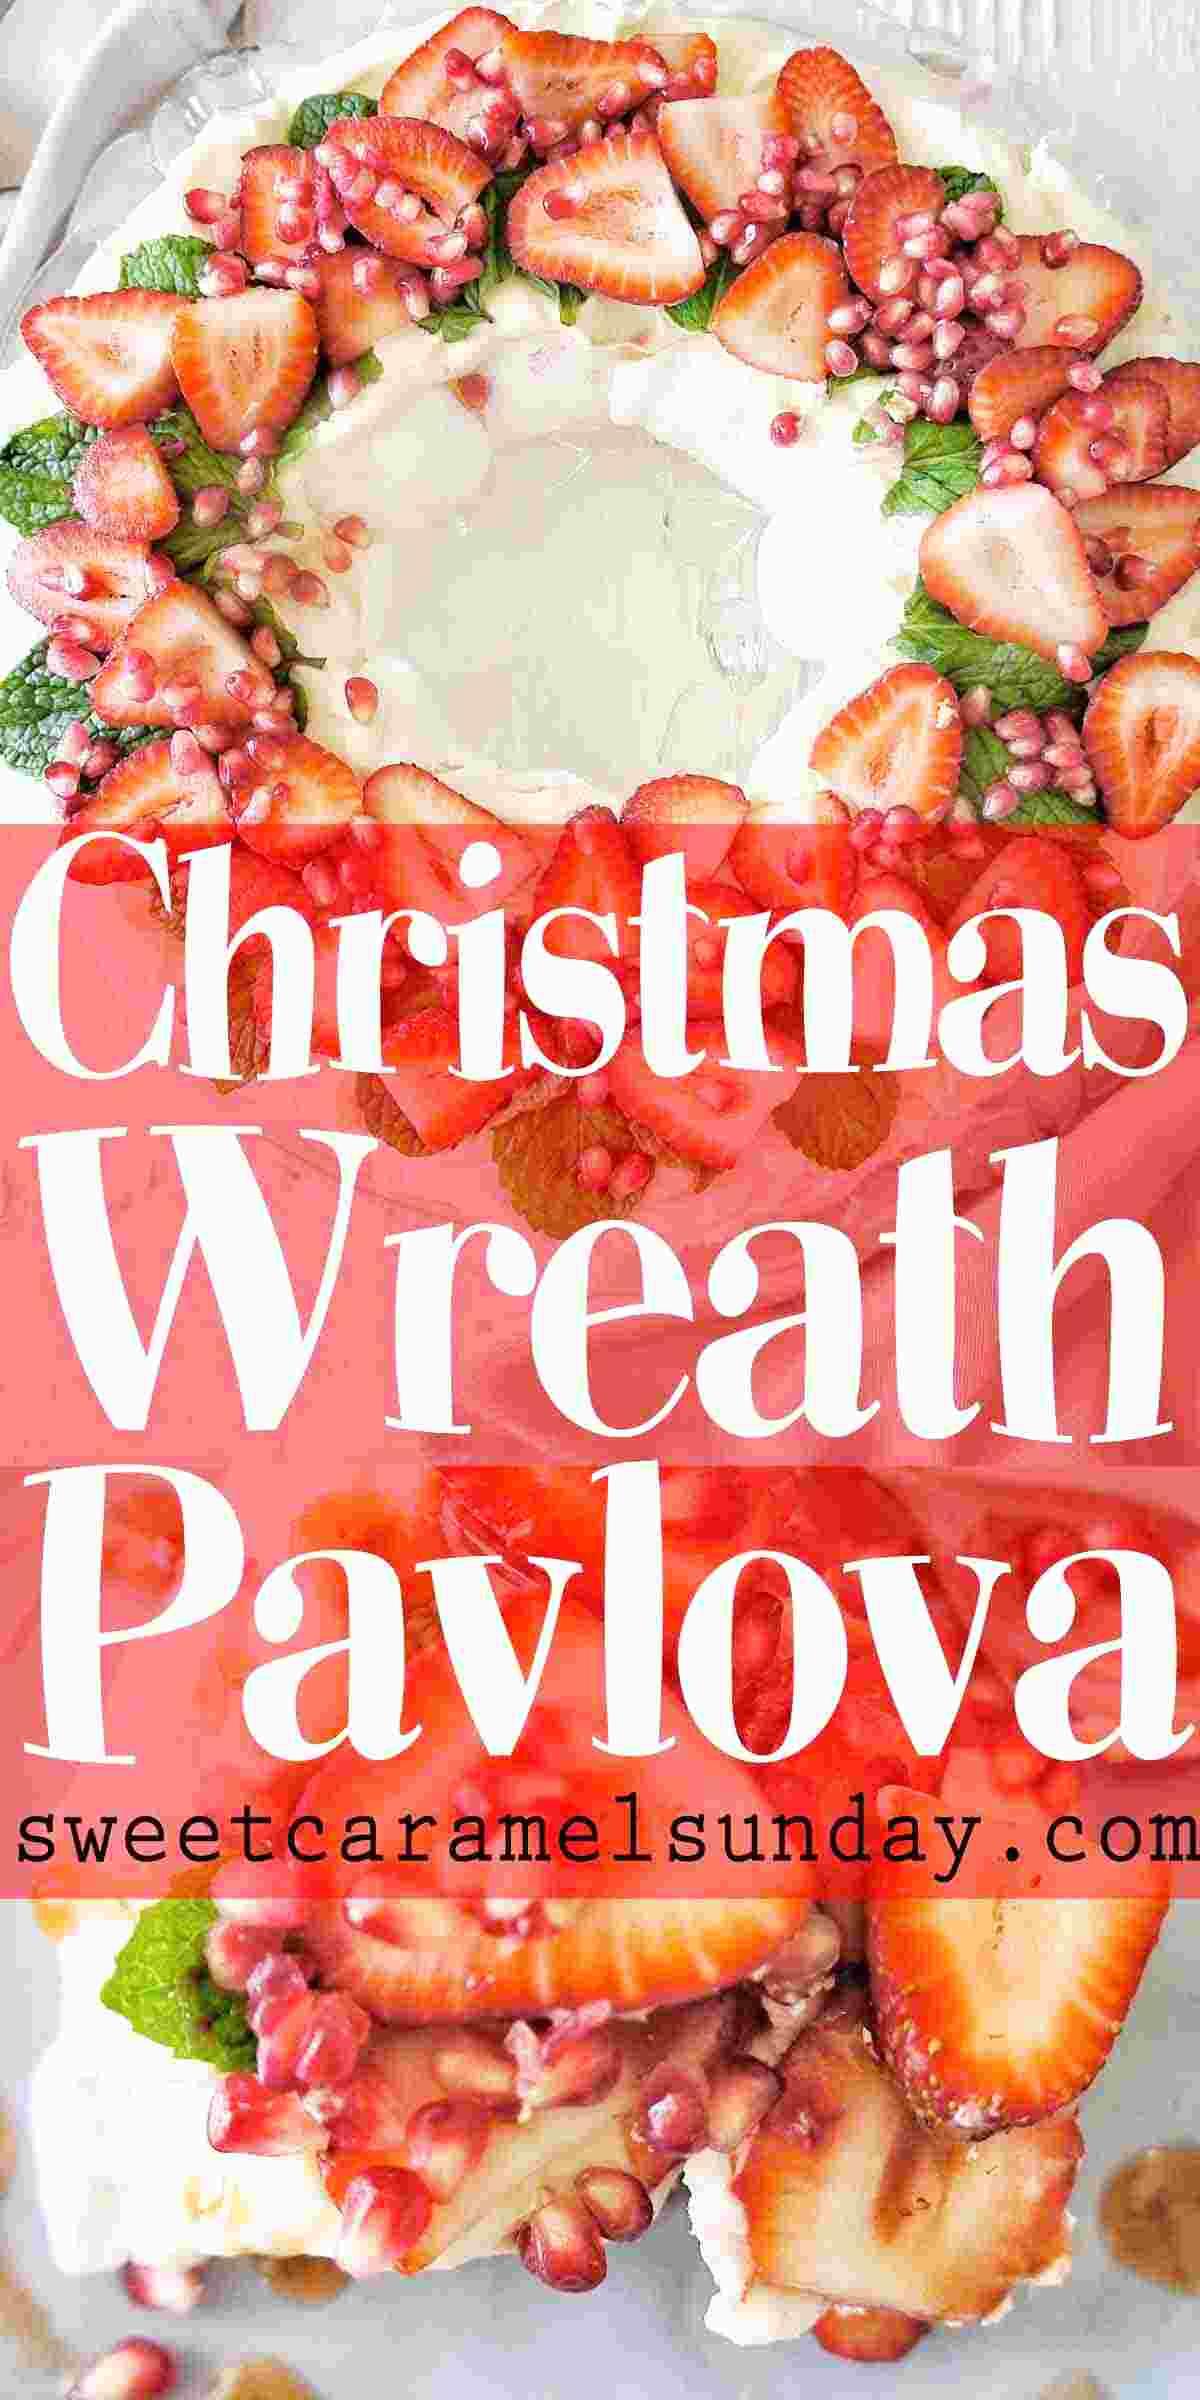 Christmas Wreath Pavlova with text overlay